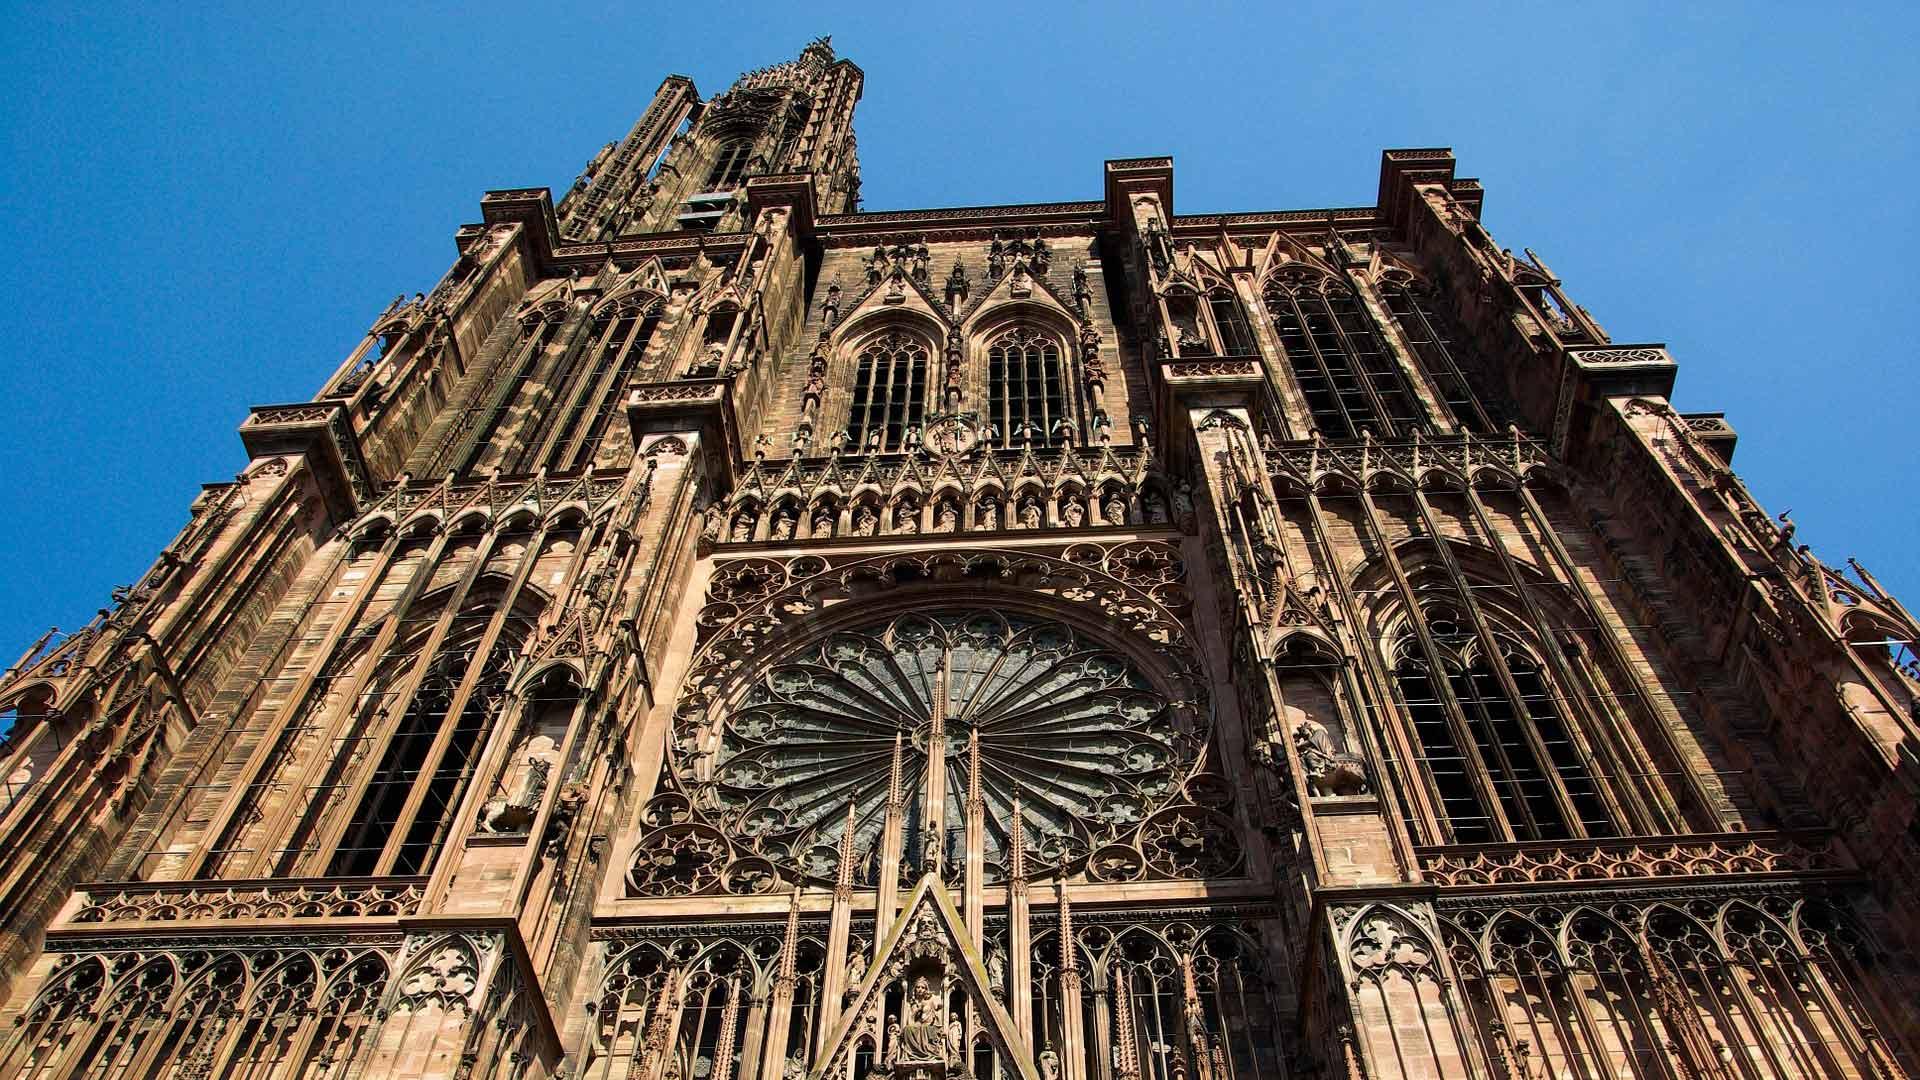 De magnifieke kathedraal van Straatsburg.